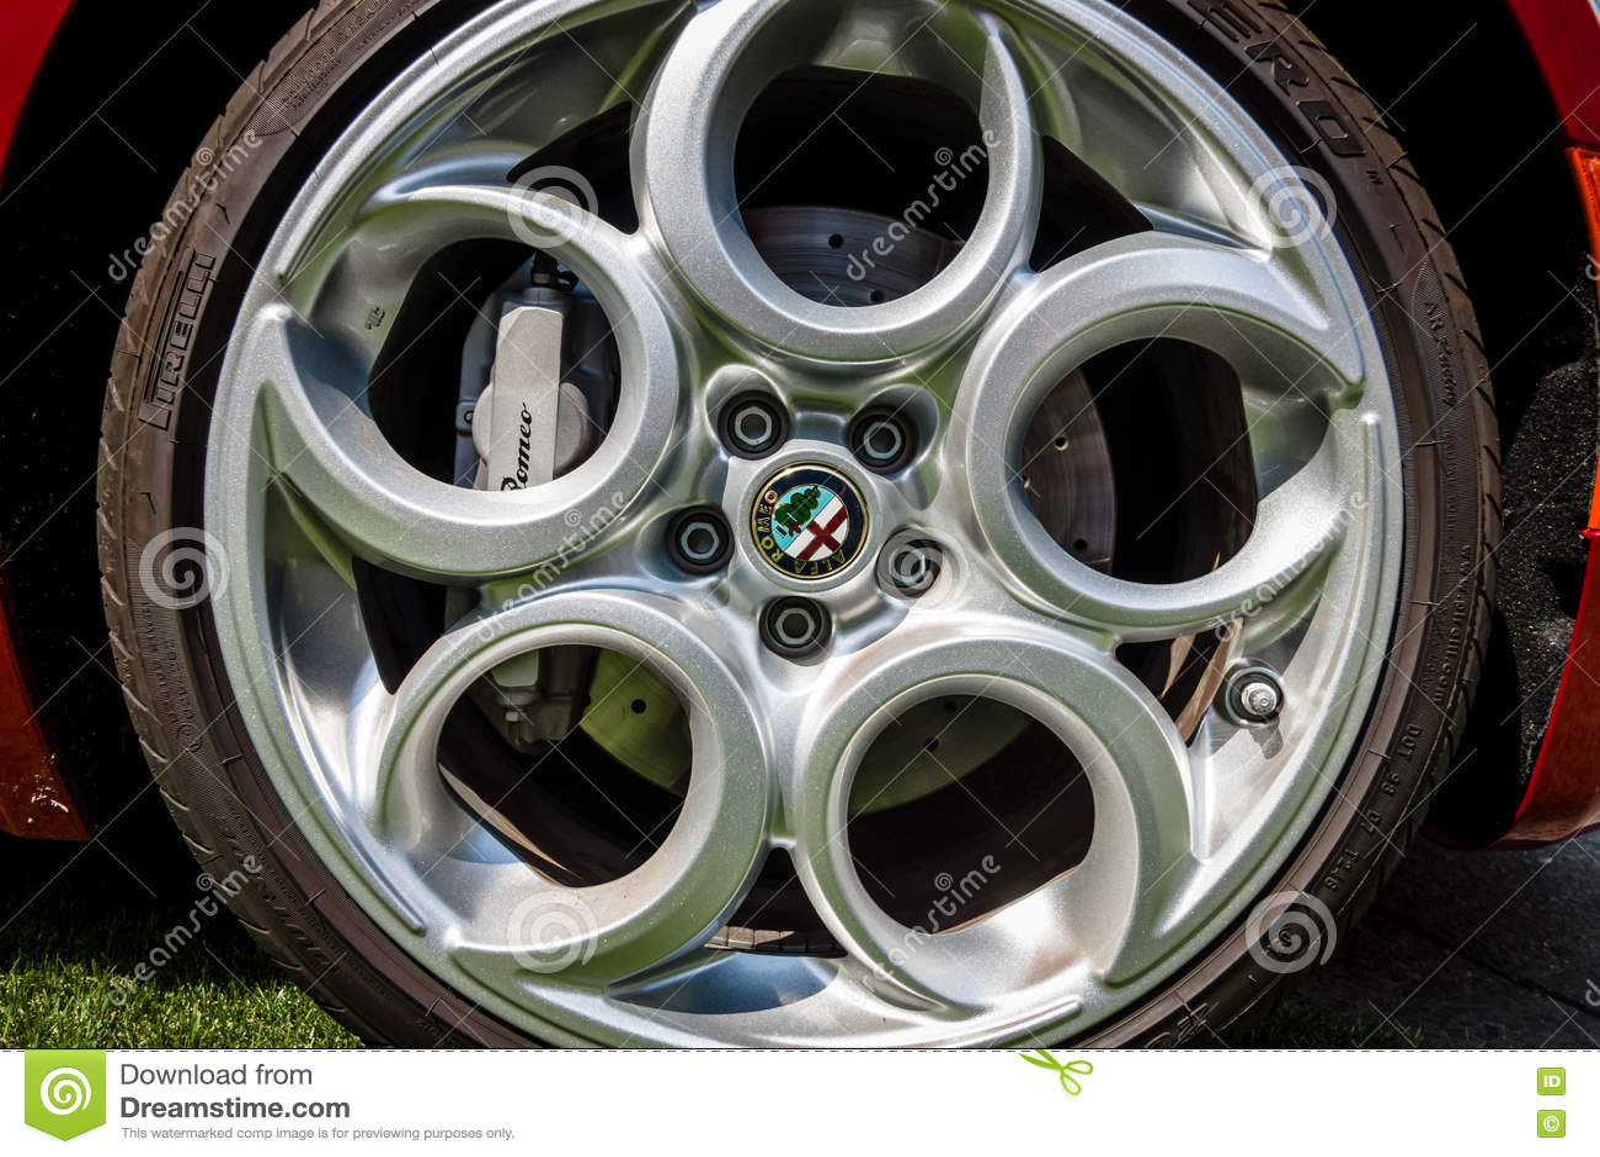 Ρόδα του αθλητικού αυτοκινήτου Alfa Romeo 4C ( Τύπος 960) , από το 2014